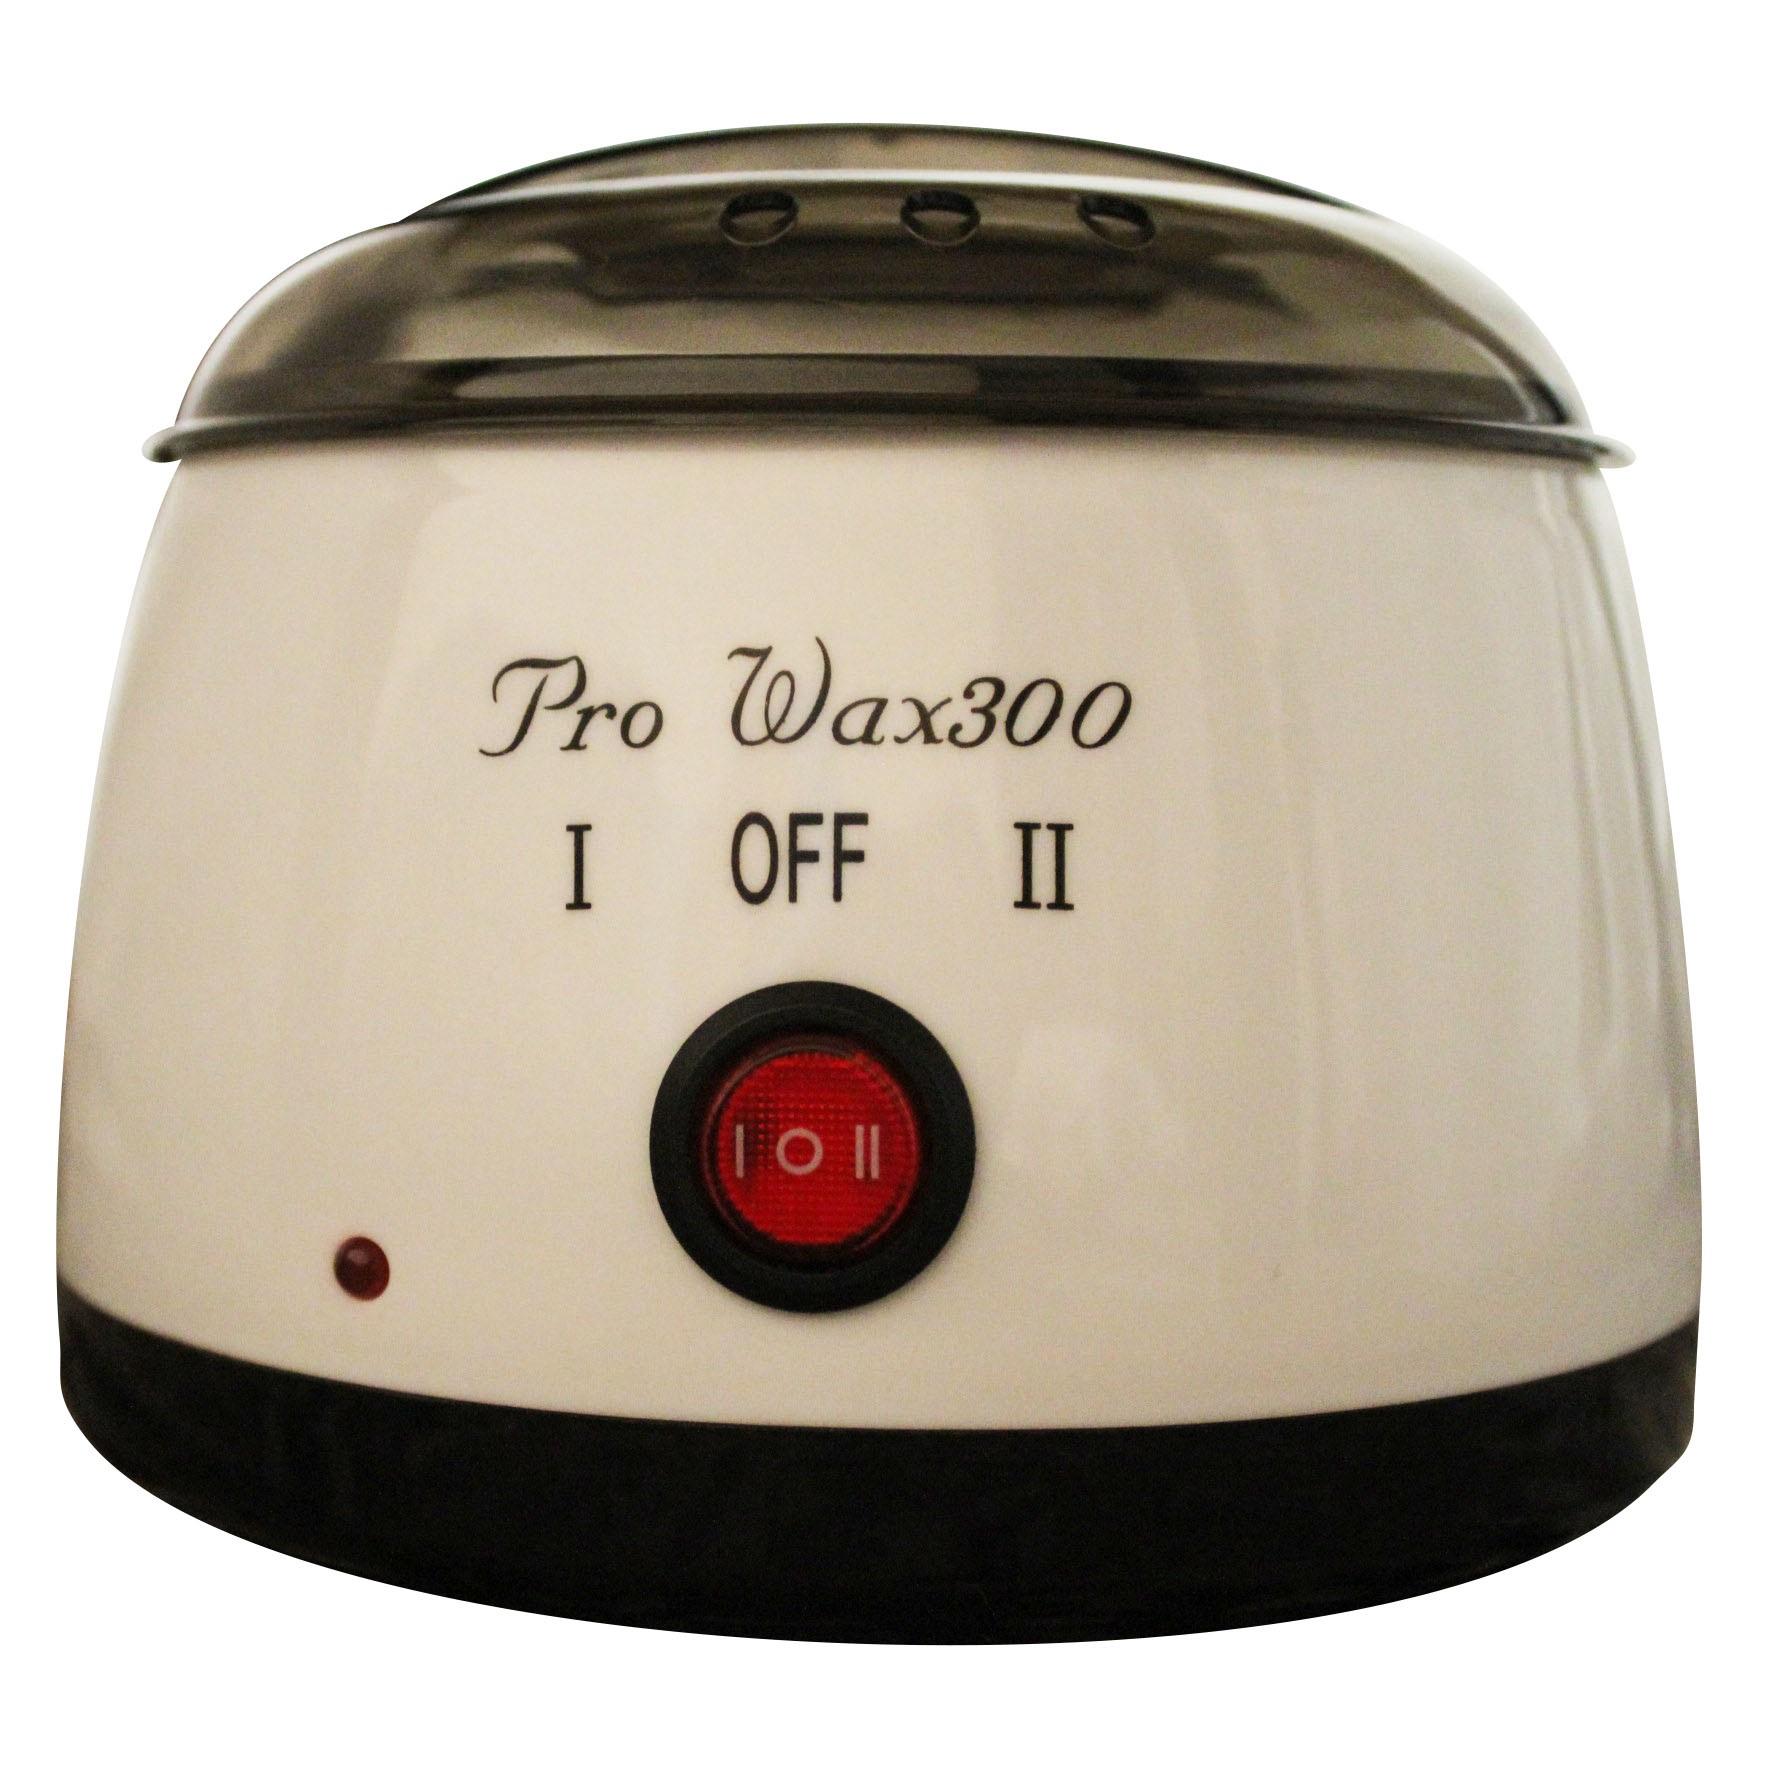 دستگاه موم گرم کن پرووکس مدل 300